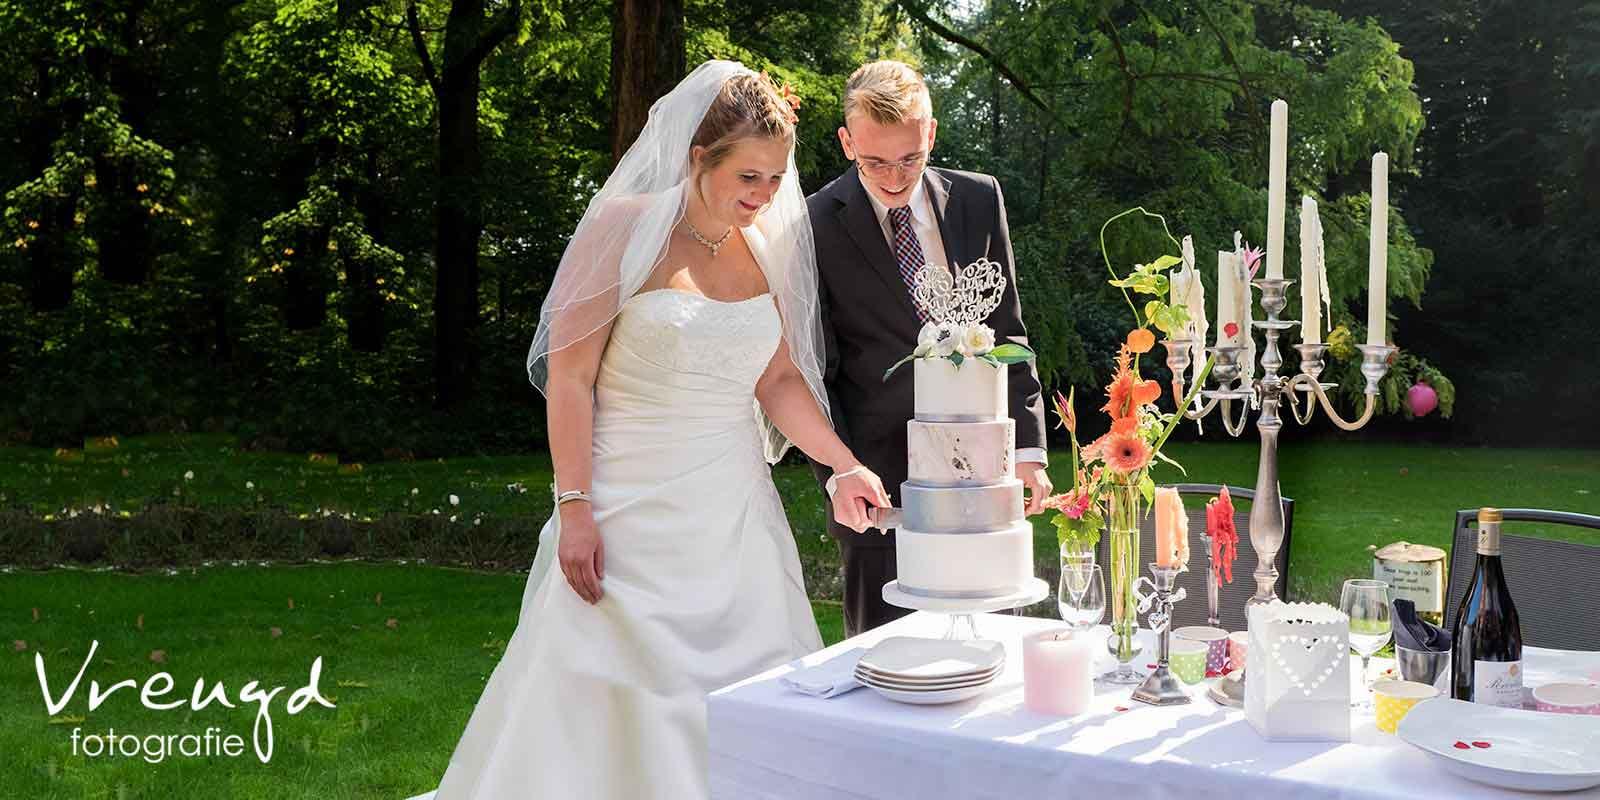 Samen Bruidstaart Aansnijden